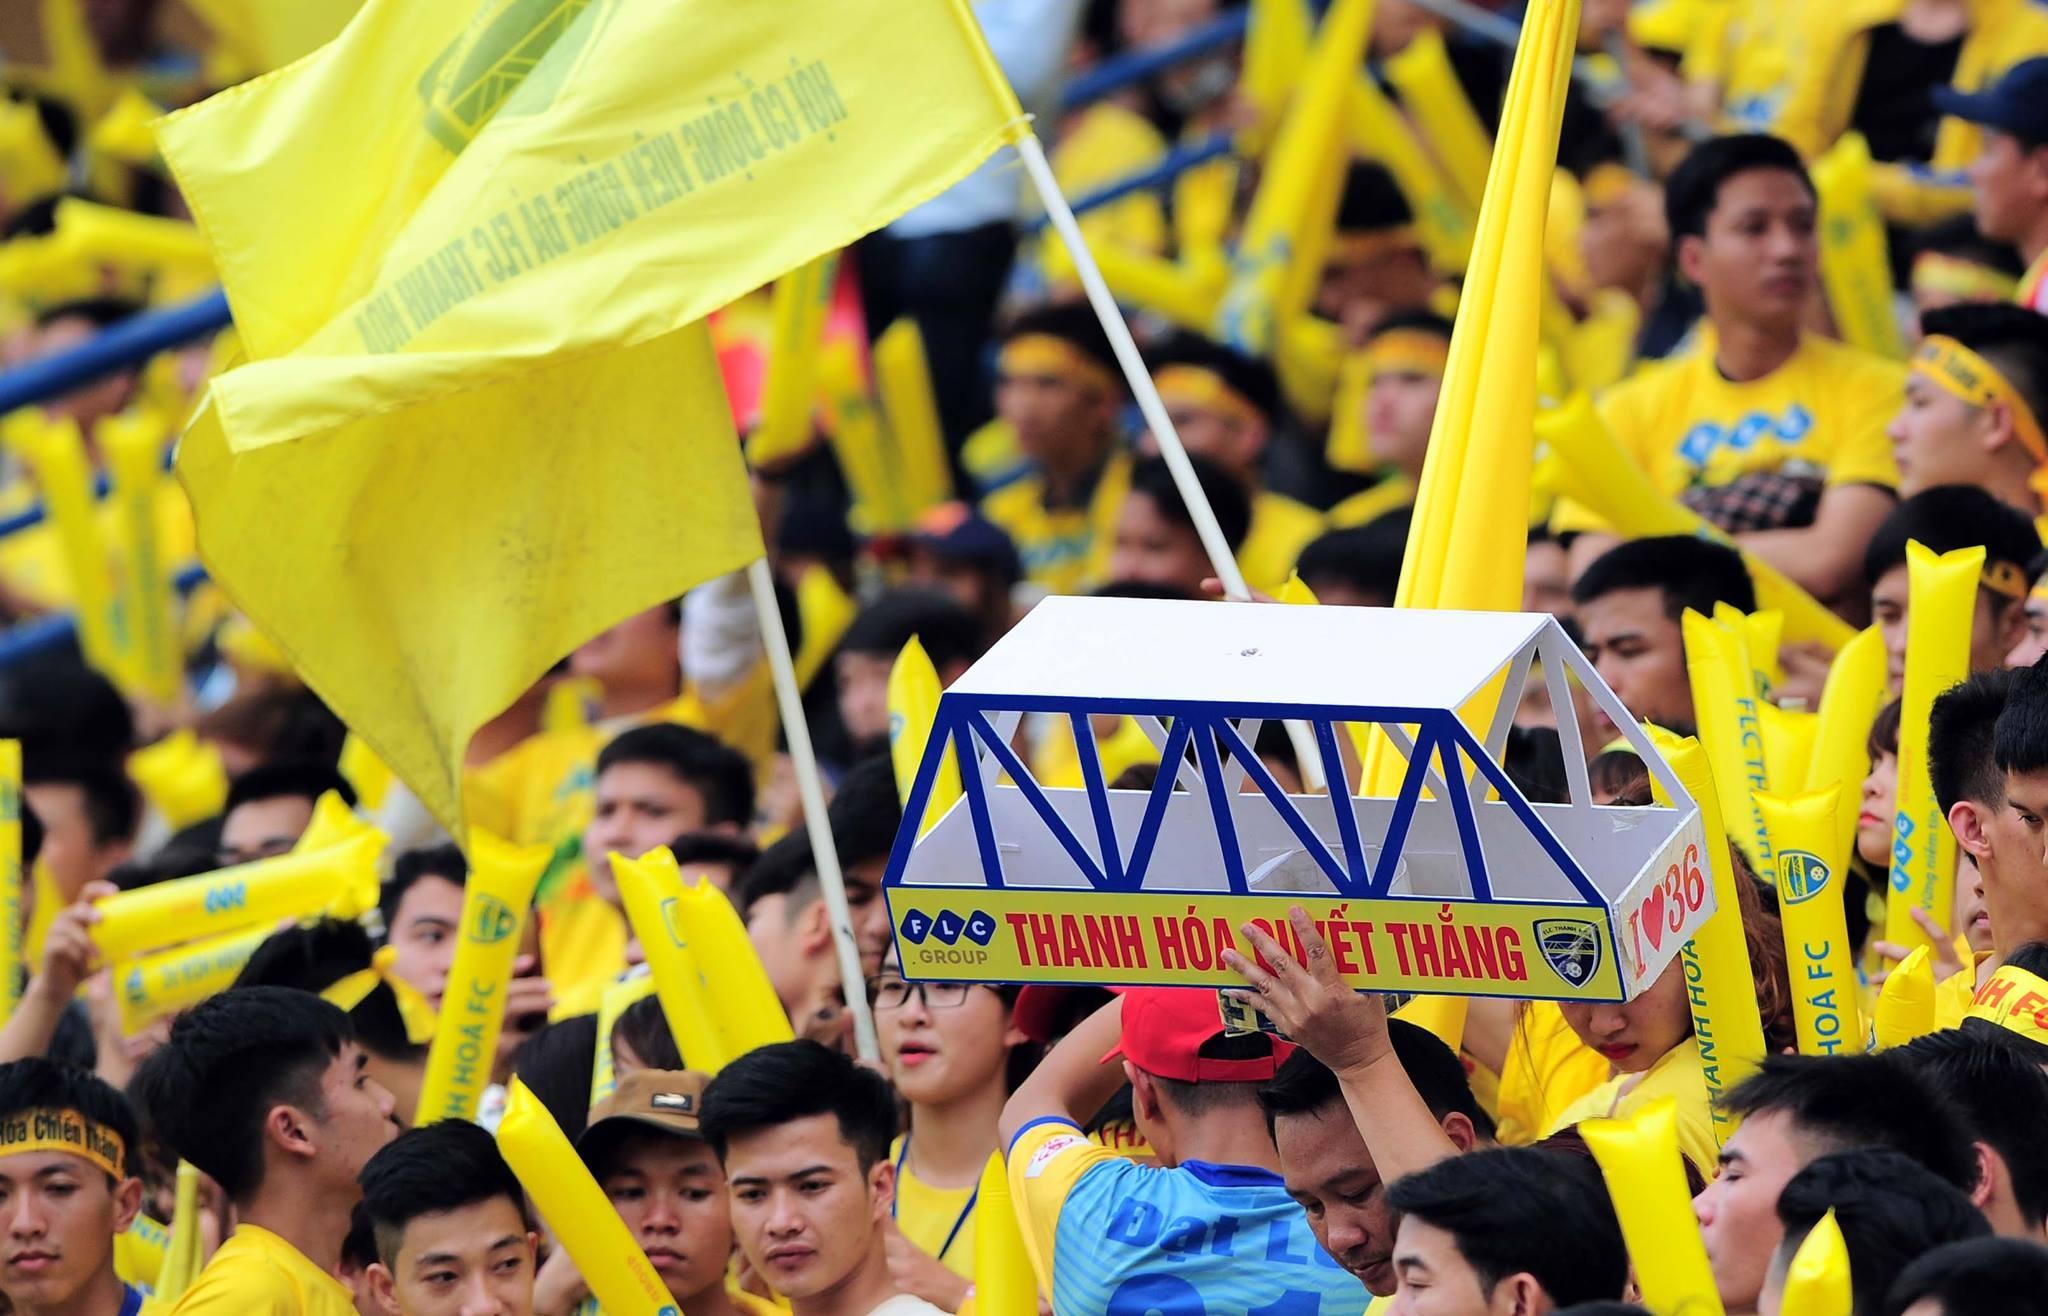 Tran CLB Ha Noi vs CLB Thanh Hoa anh 21